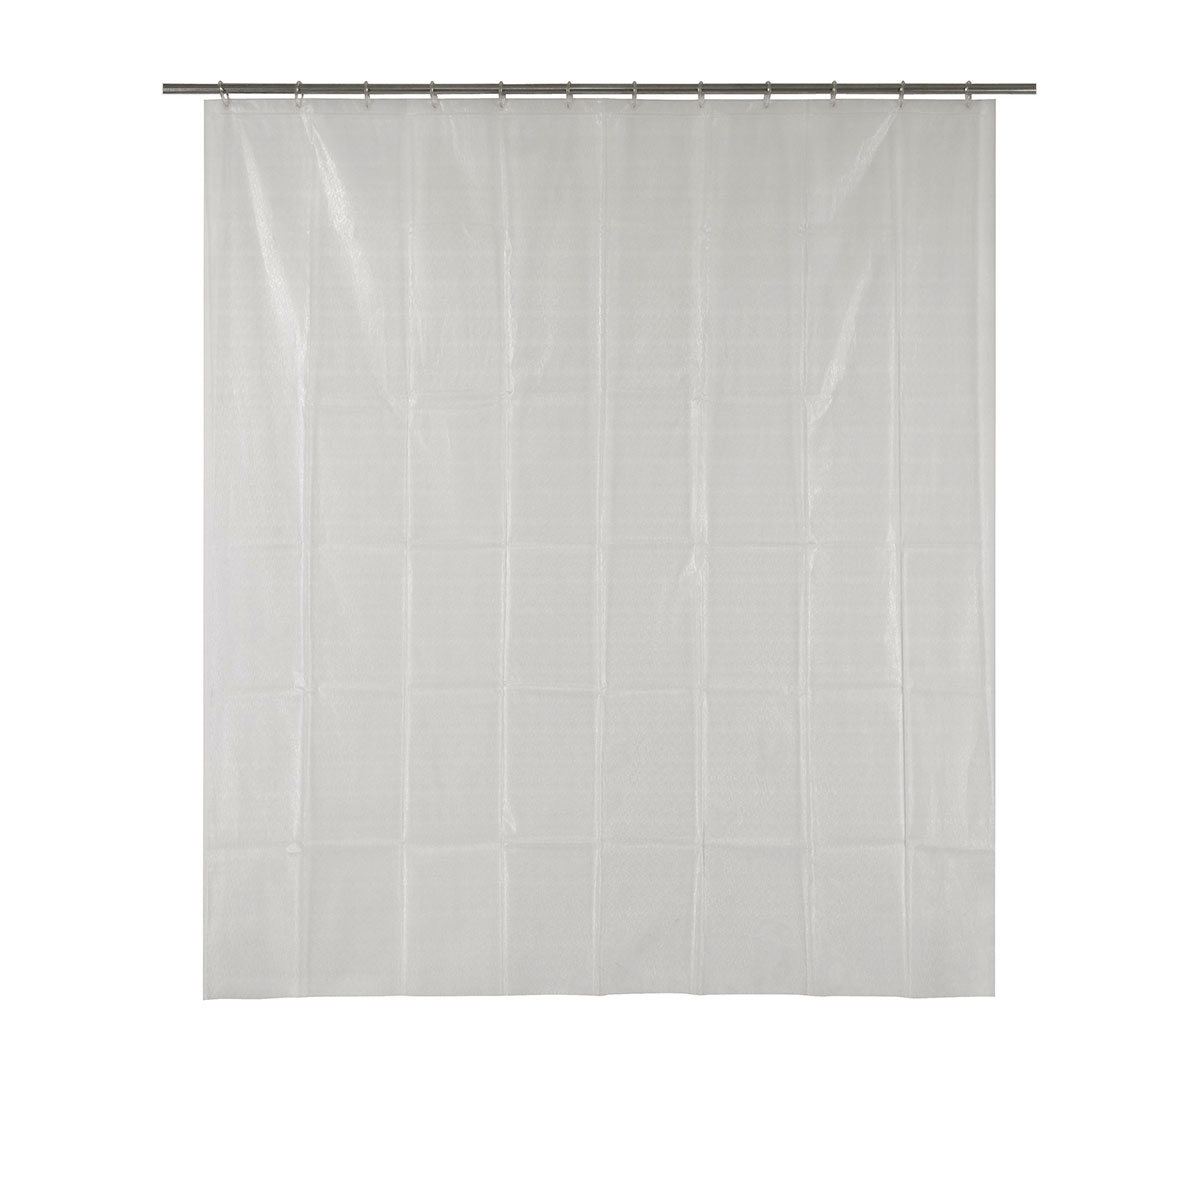 Rideau de douche avec lignes en 3d transparent